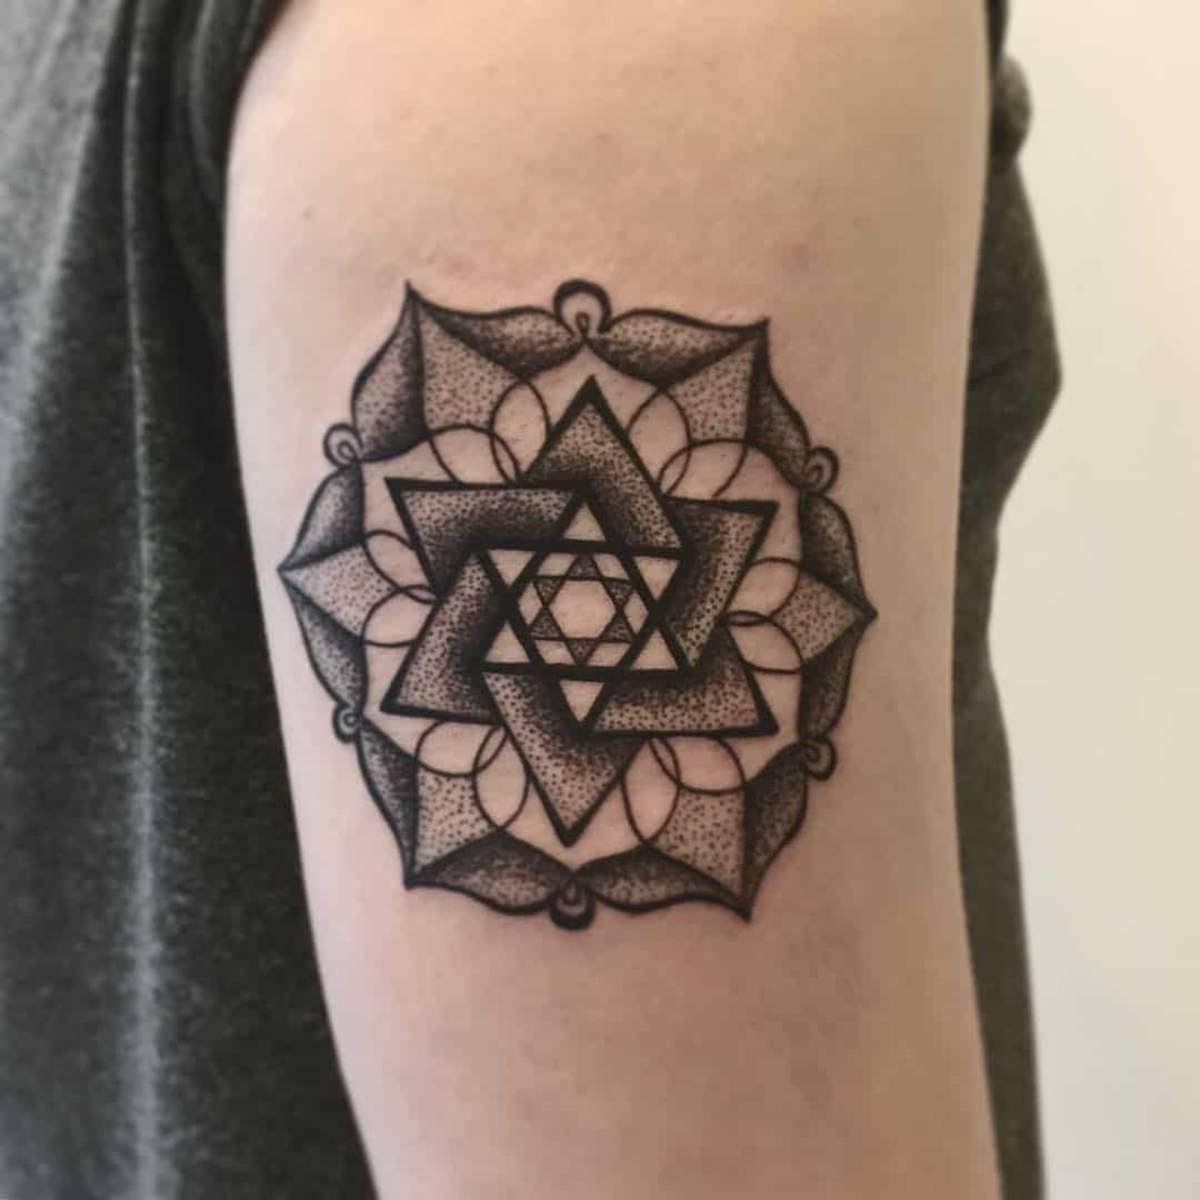 Tatuagem no braço da estrela de Davi dentro da flor de lotus